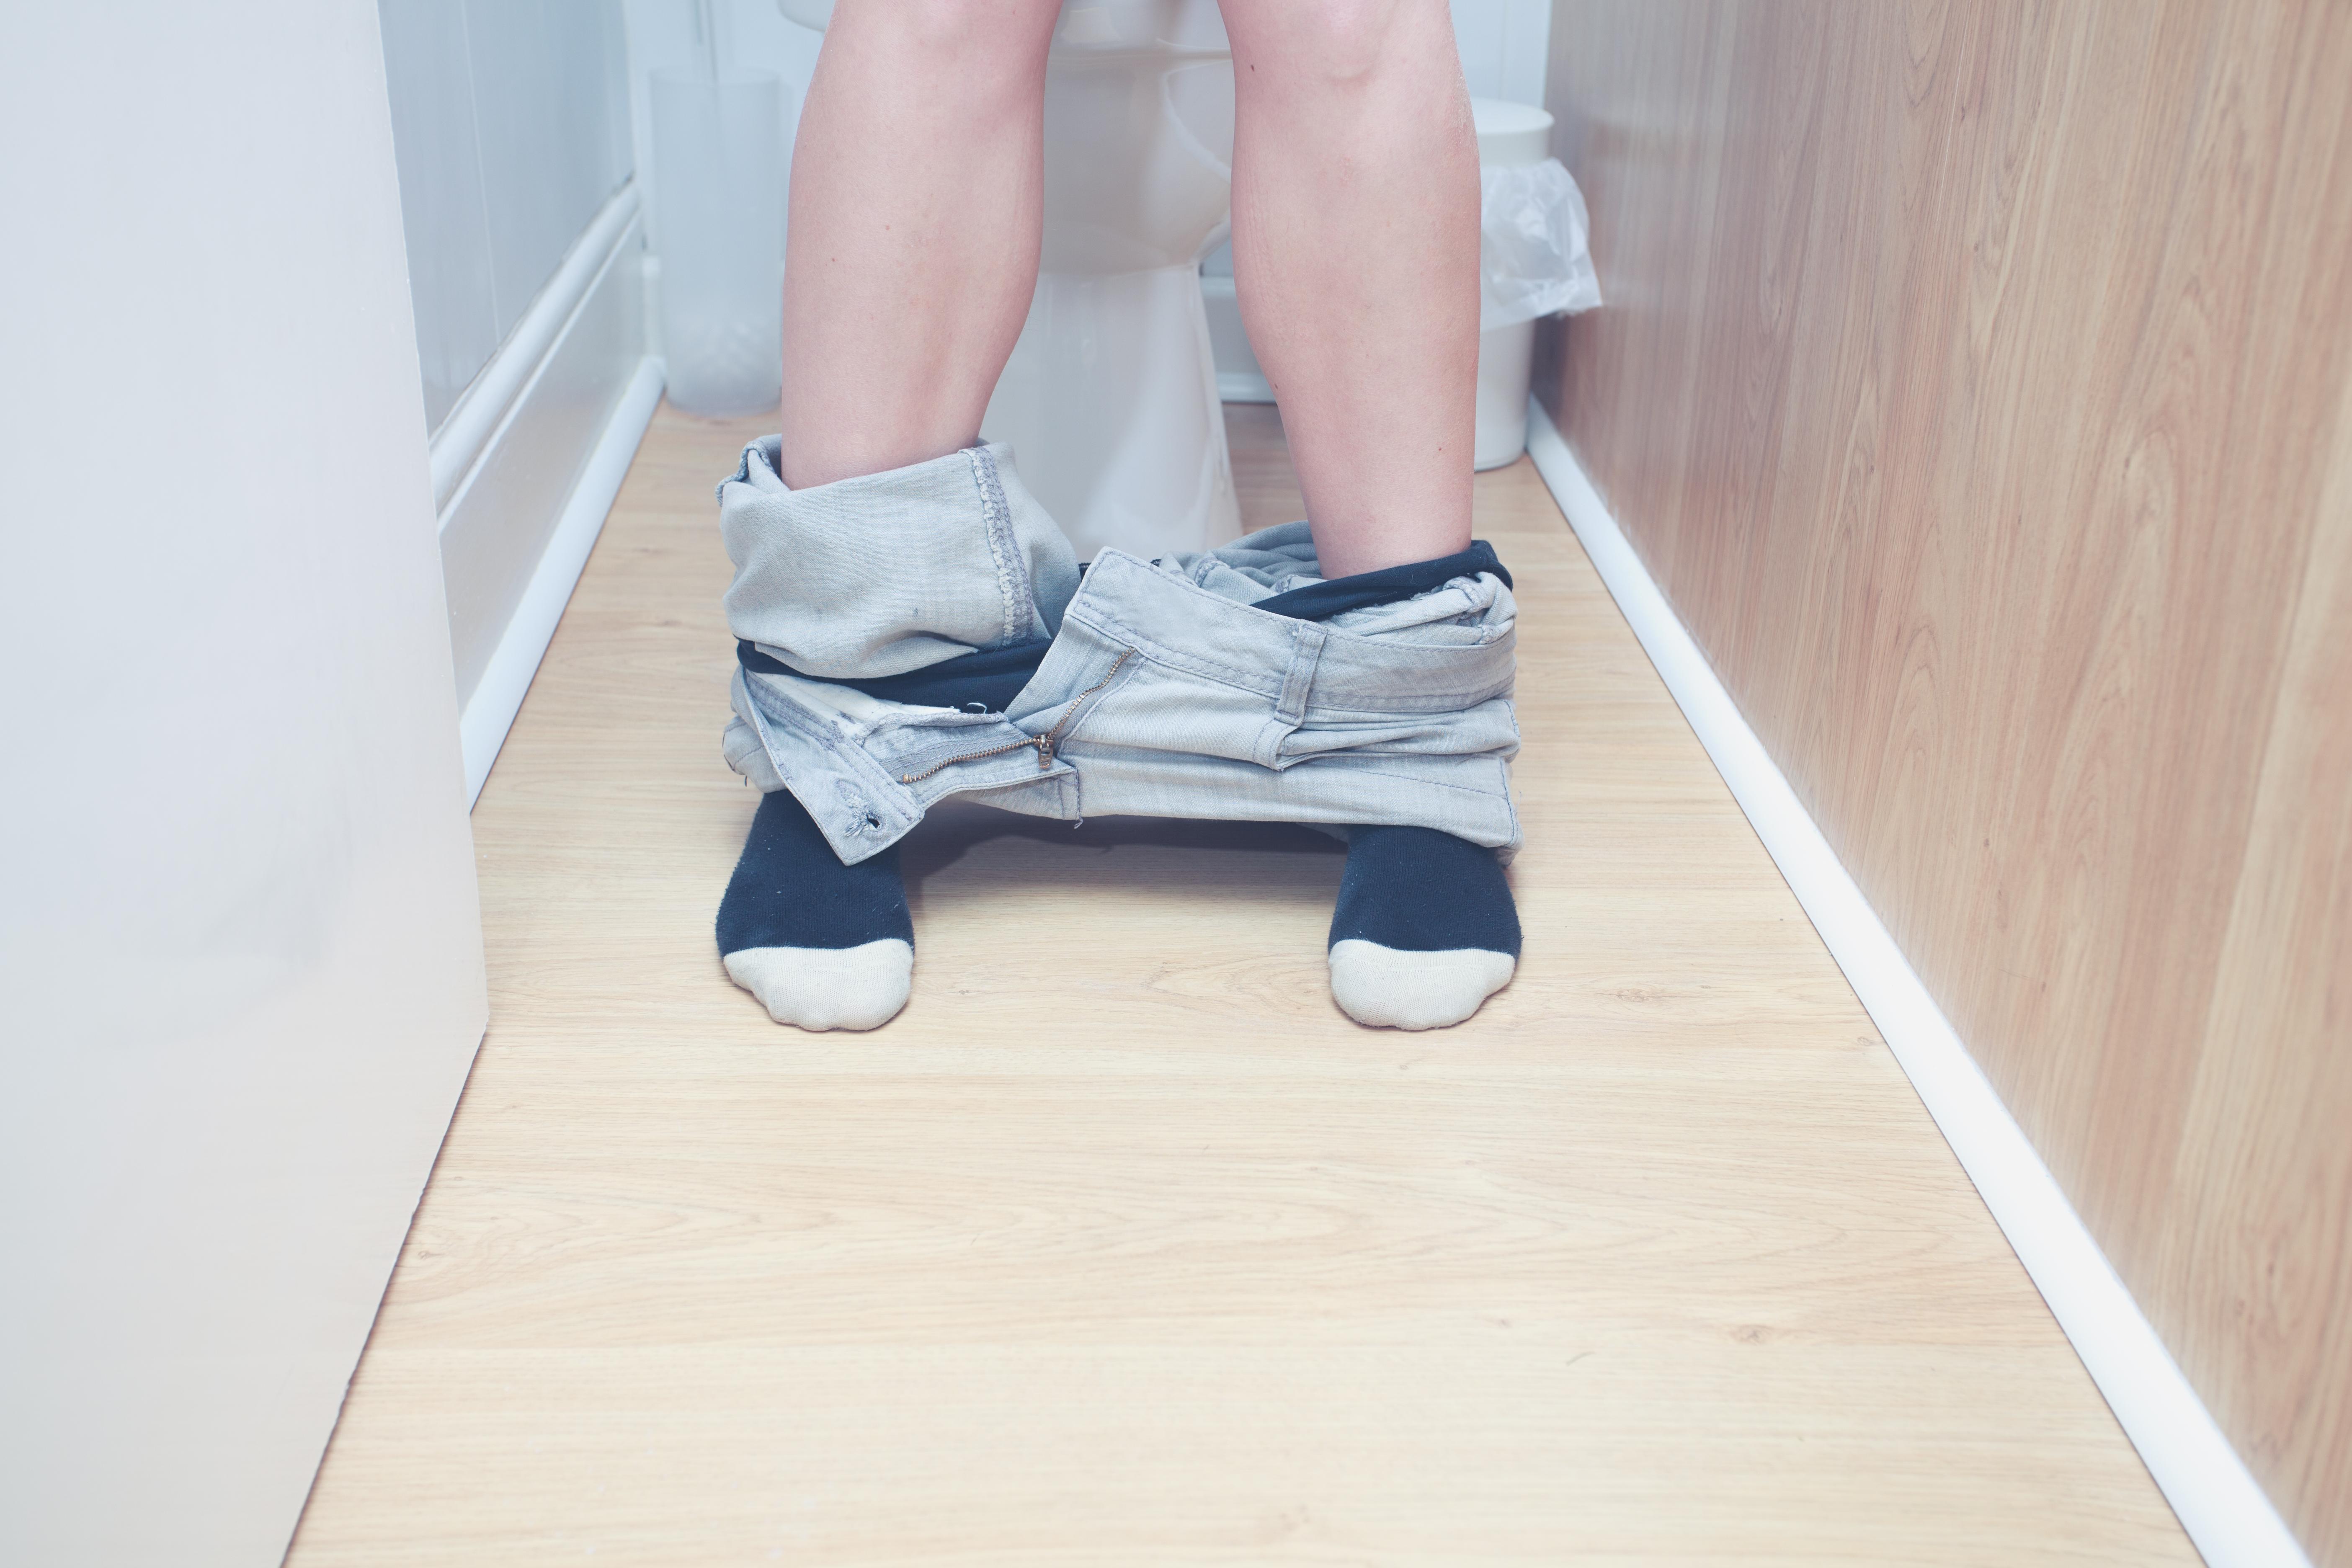 När man är förstoppad är det vanligt att man går på toaletten mer sällan än vanligt. Avföringen brukar vara hård och svår att få ut.